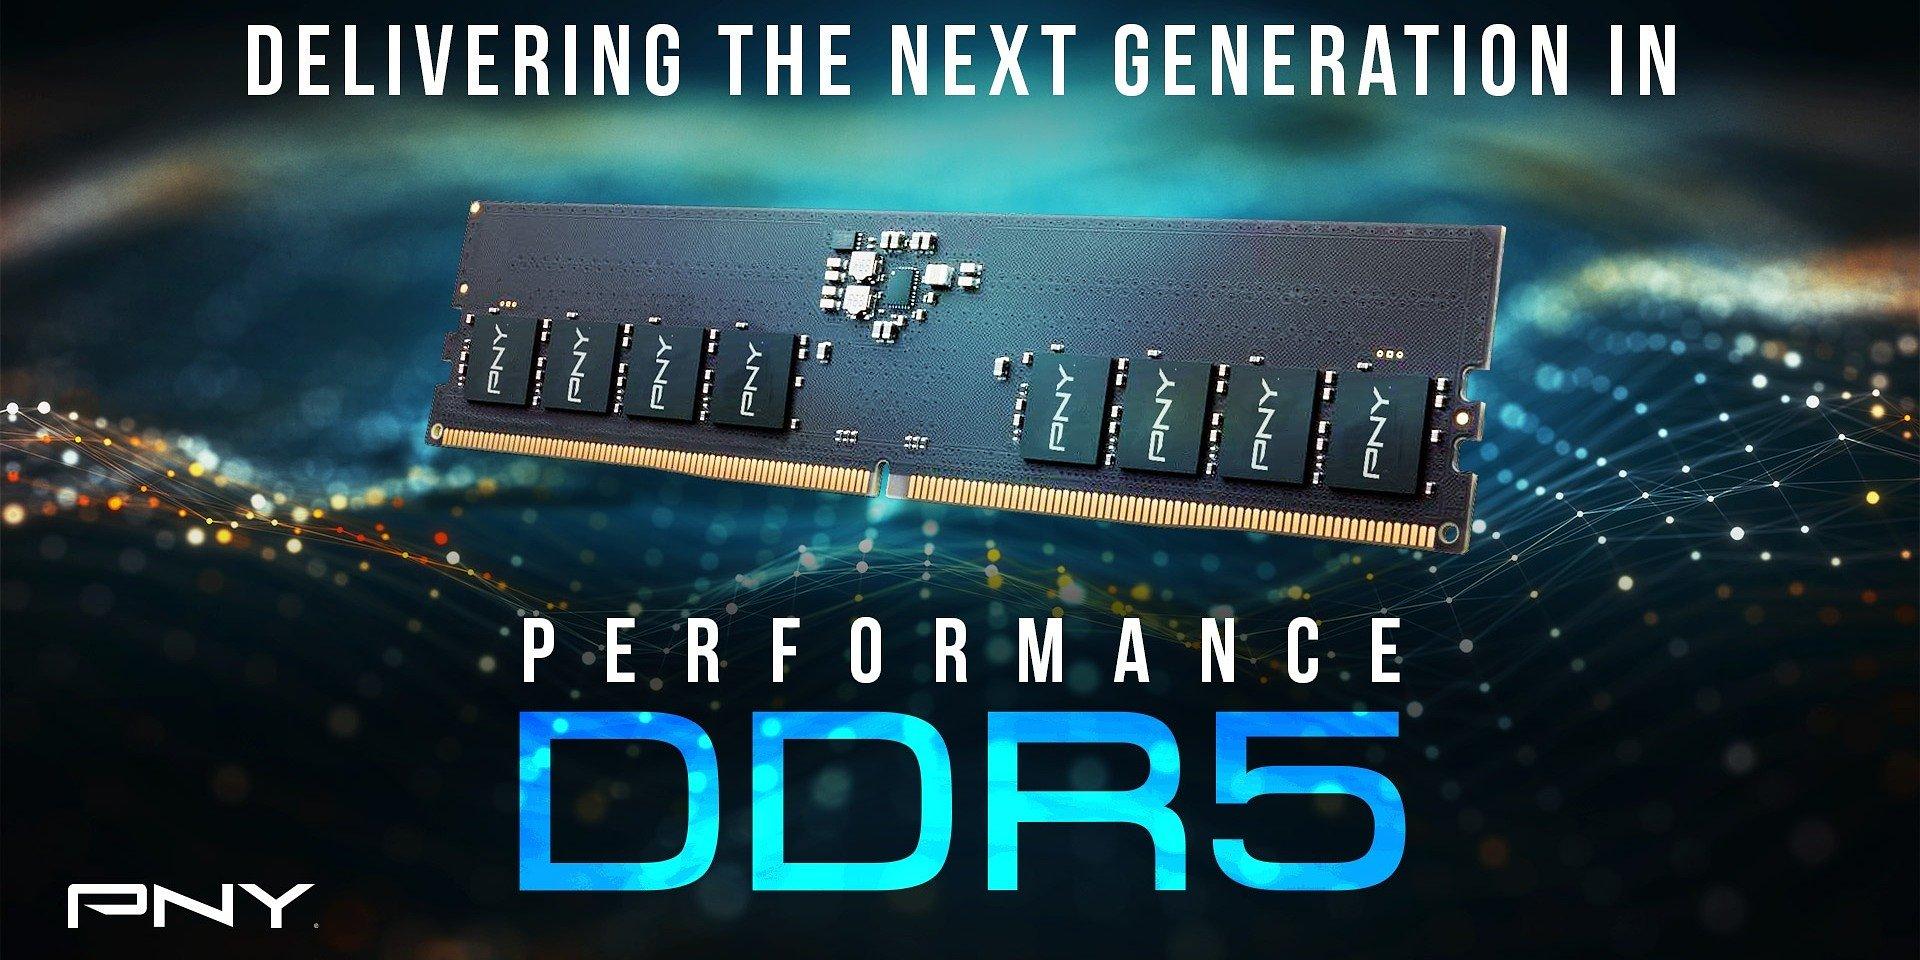 Новая линейка памяти от PNY Performance DDR5 4800MHz. Революционная производительность нового поколения